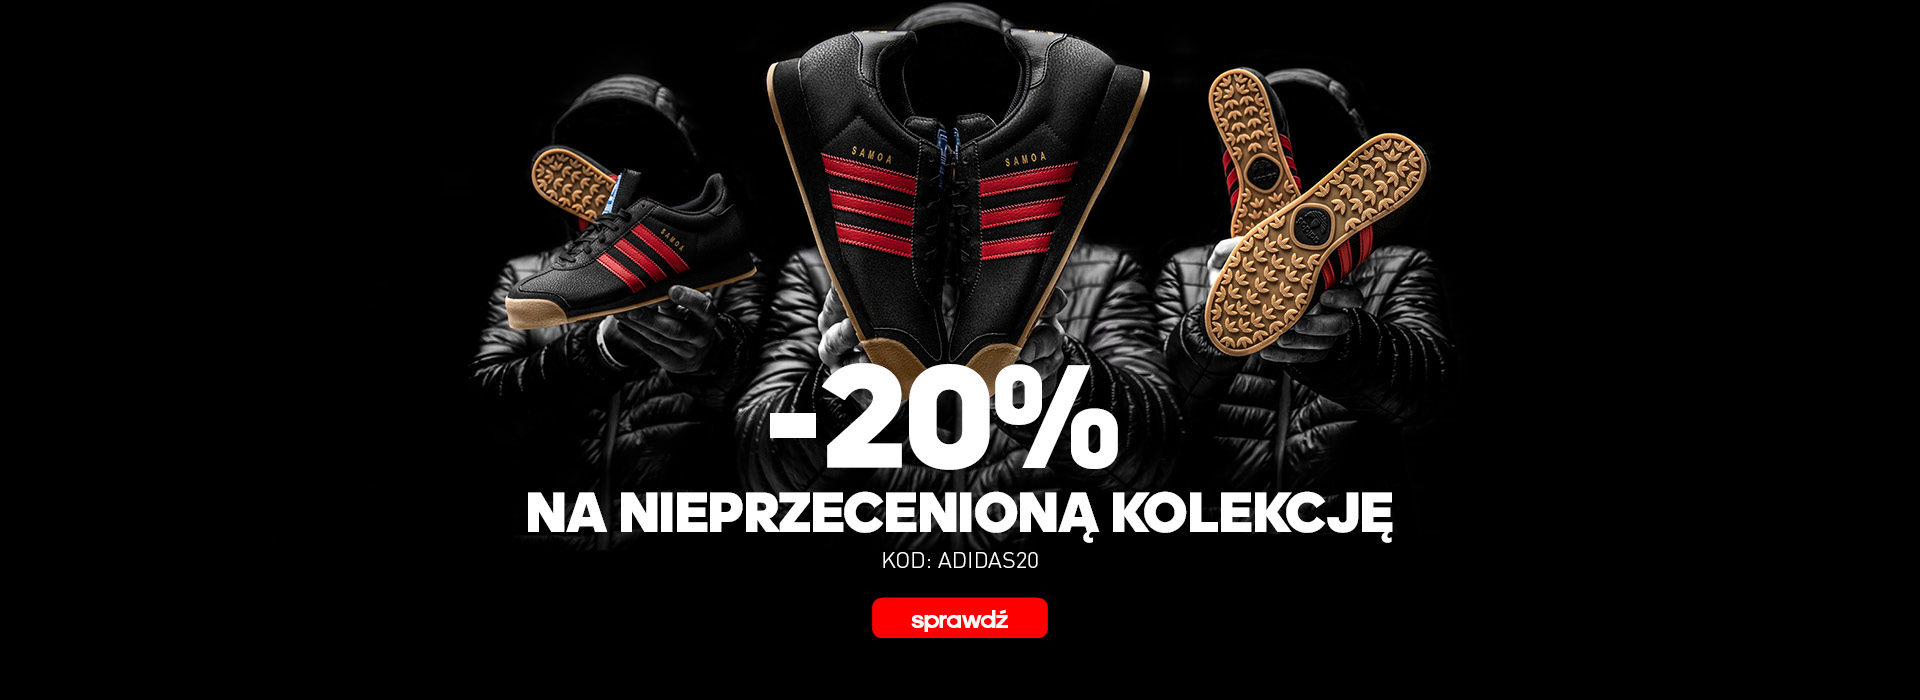 Sklep sportowy Nike, Adidas Odzież i Buty Znanych Marek